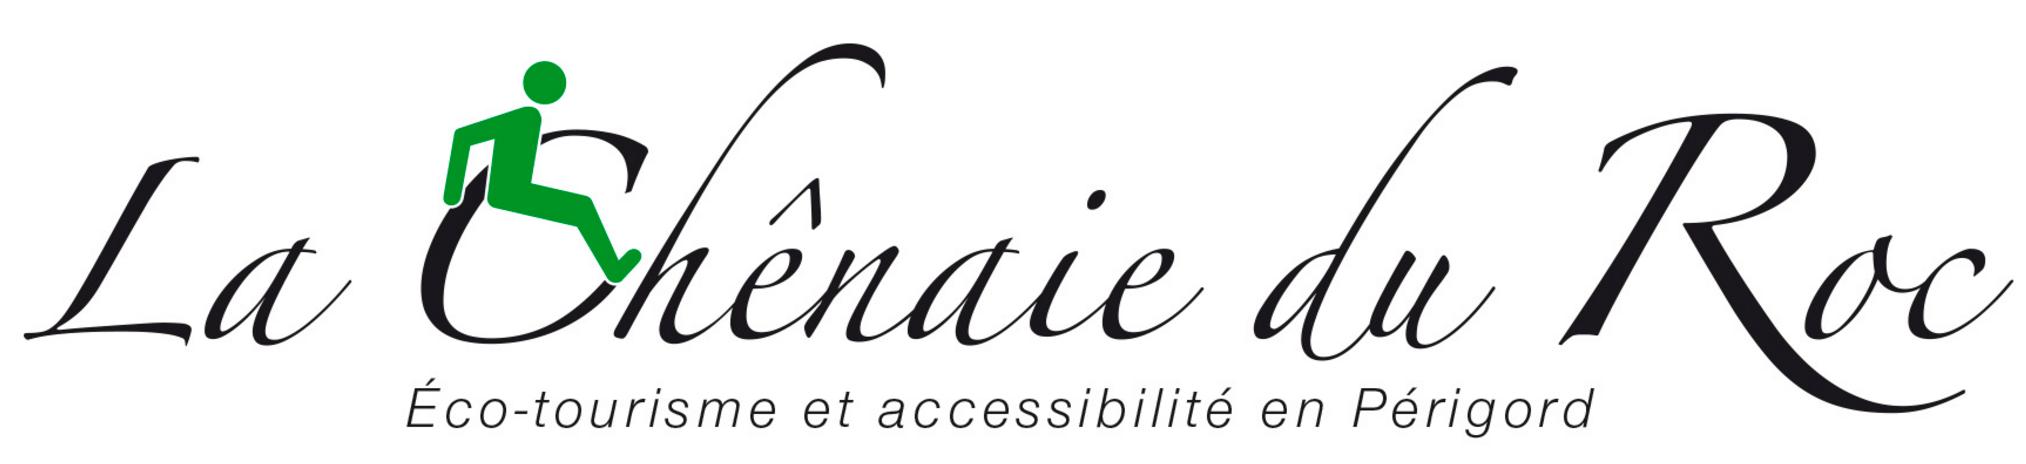 handicap-gite-chenaie-du-roc-logo